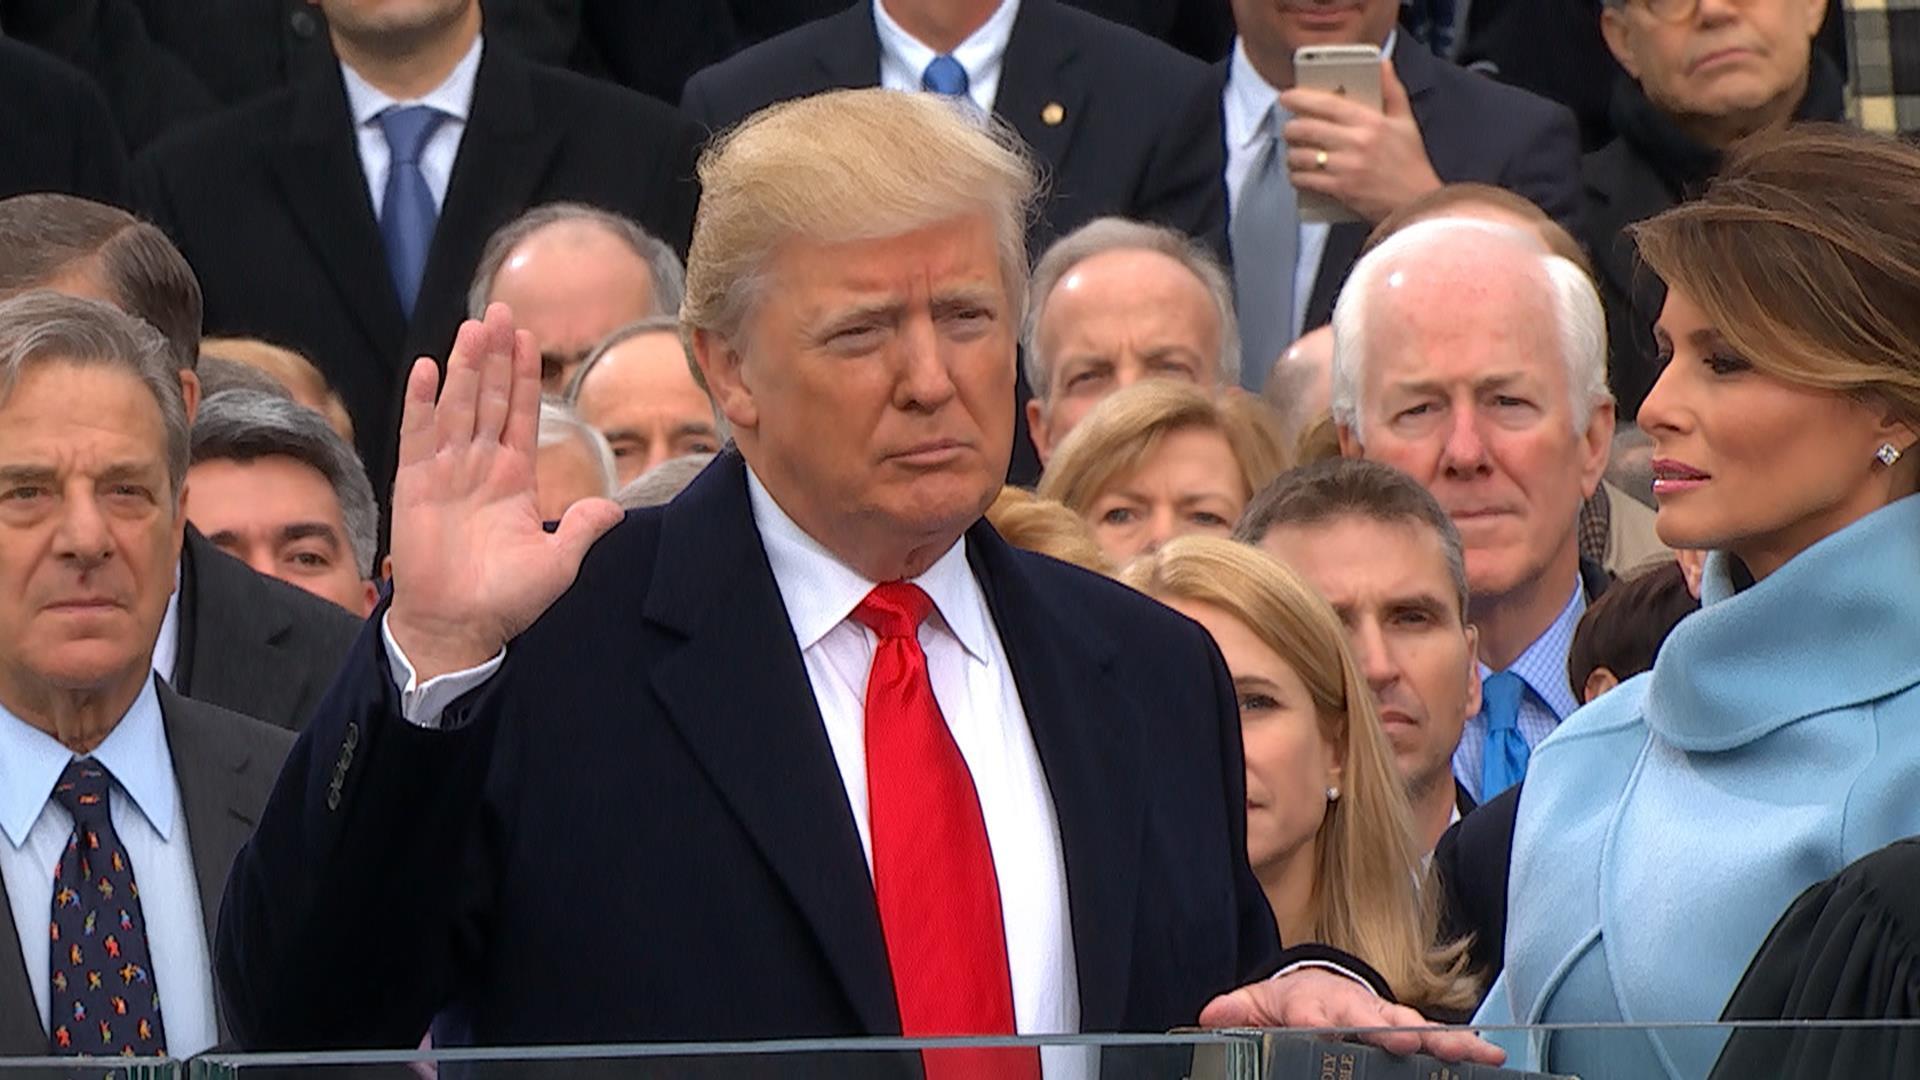 Trump For President Wallpaper